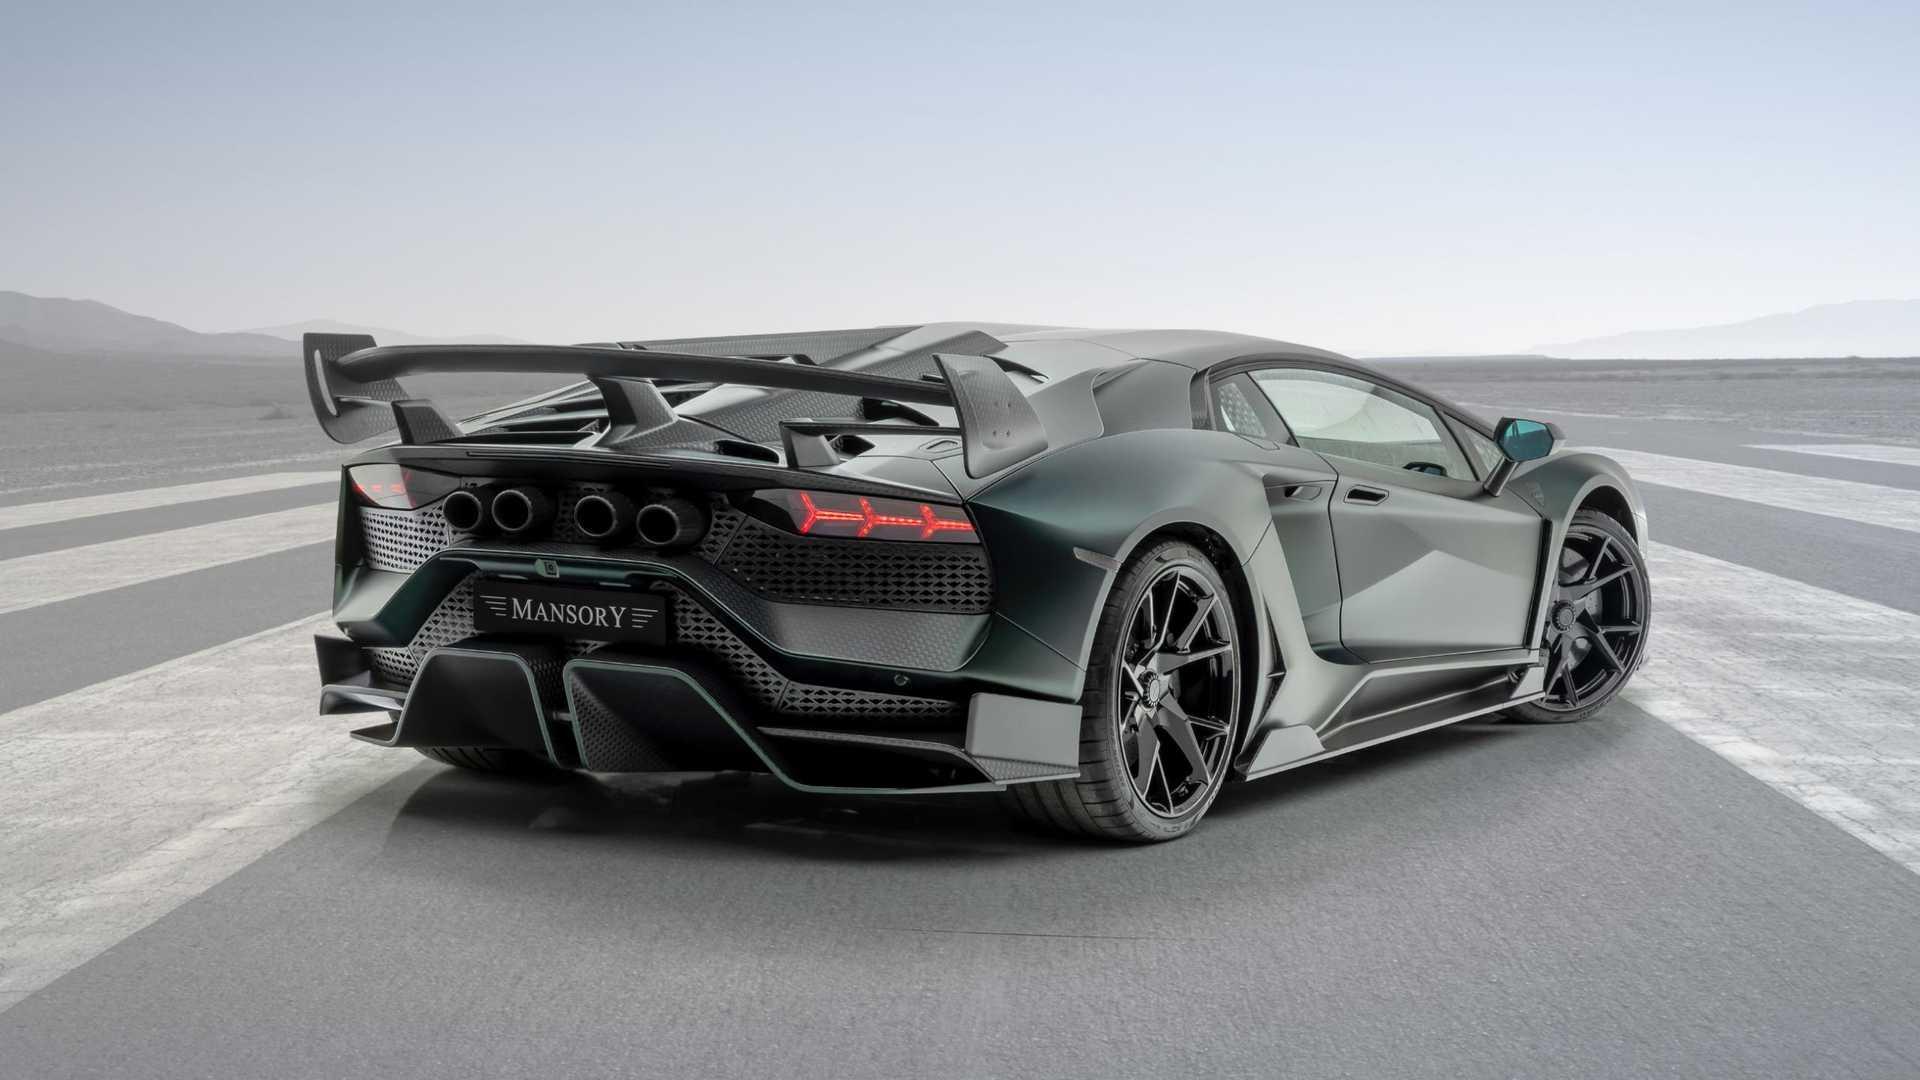 Тюнеры показали Lamborghini Aventador SVJ со «сплющенными» фарами 2